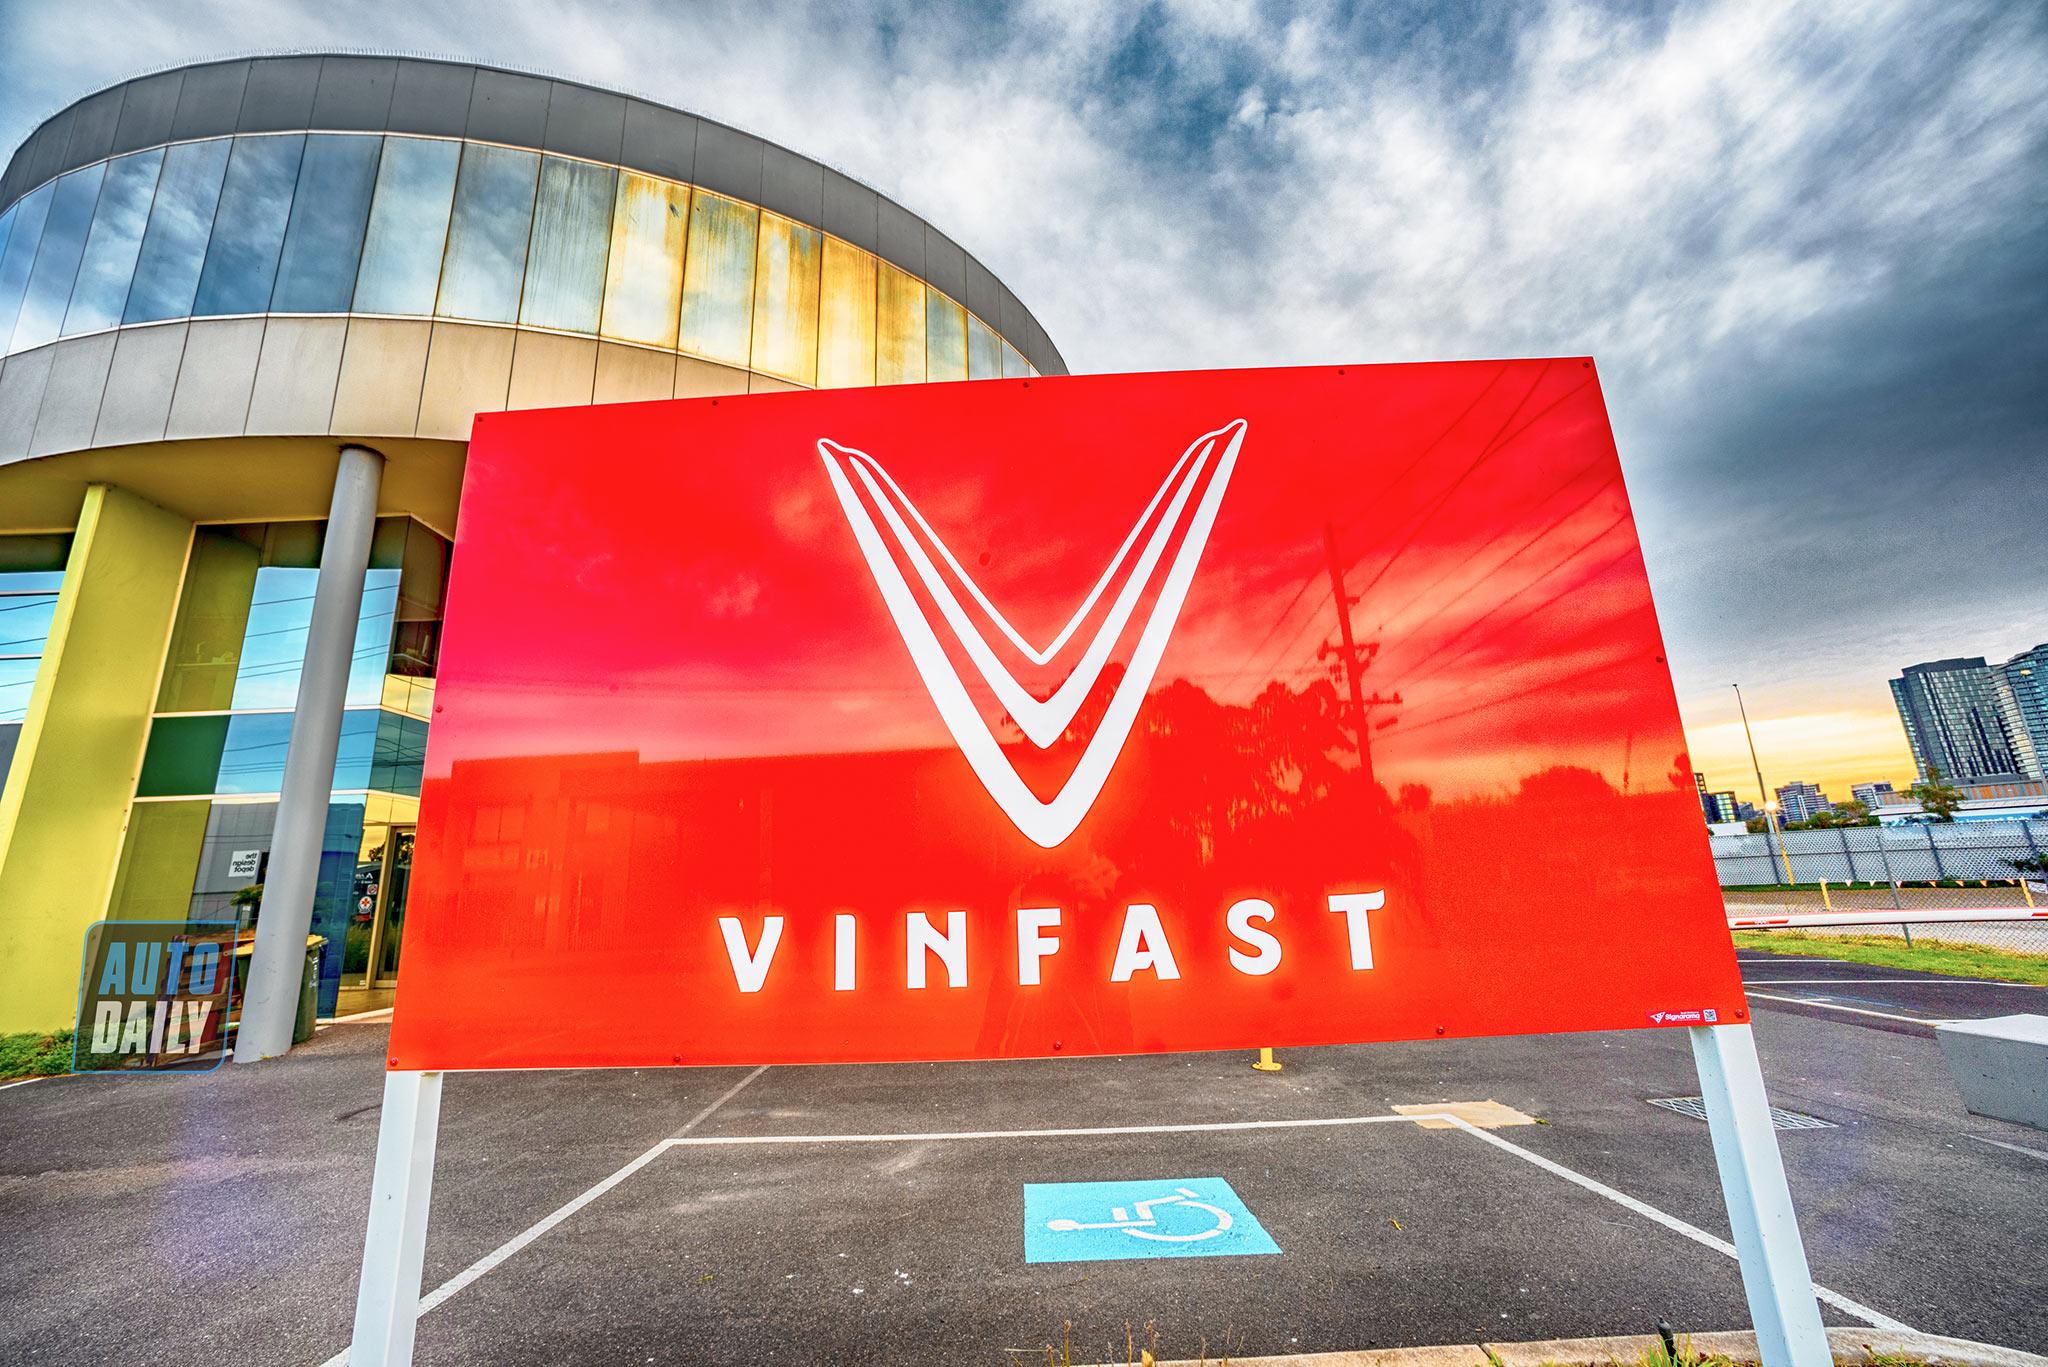 van-phong-vinfast-uc-autodaily-03.jpg